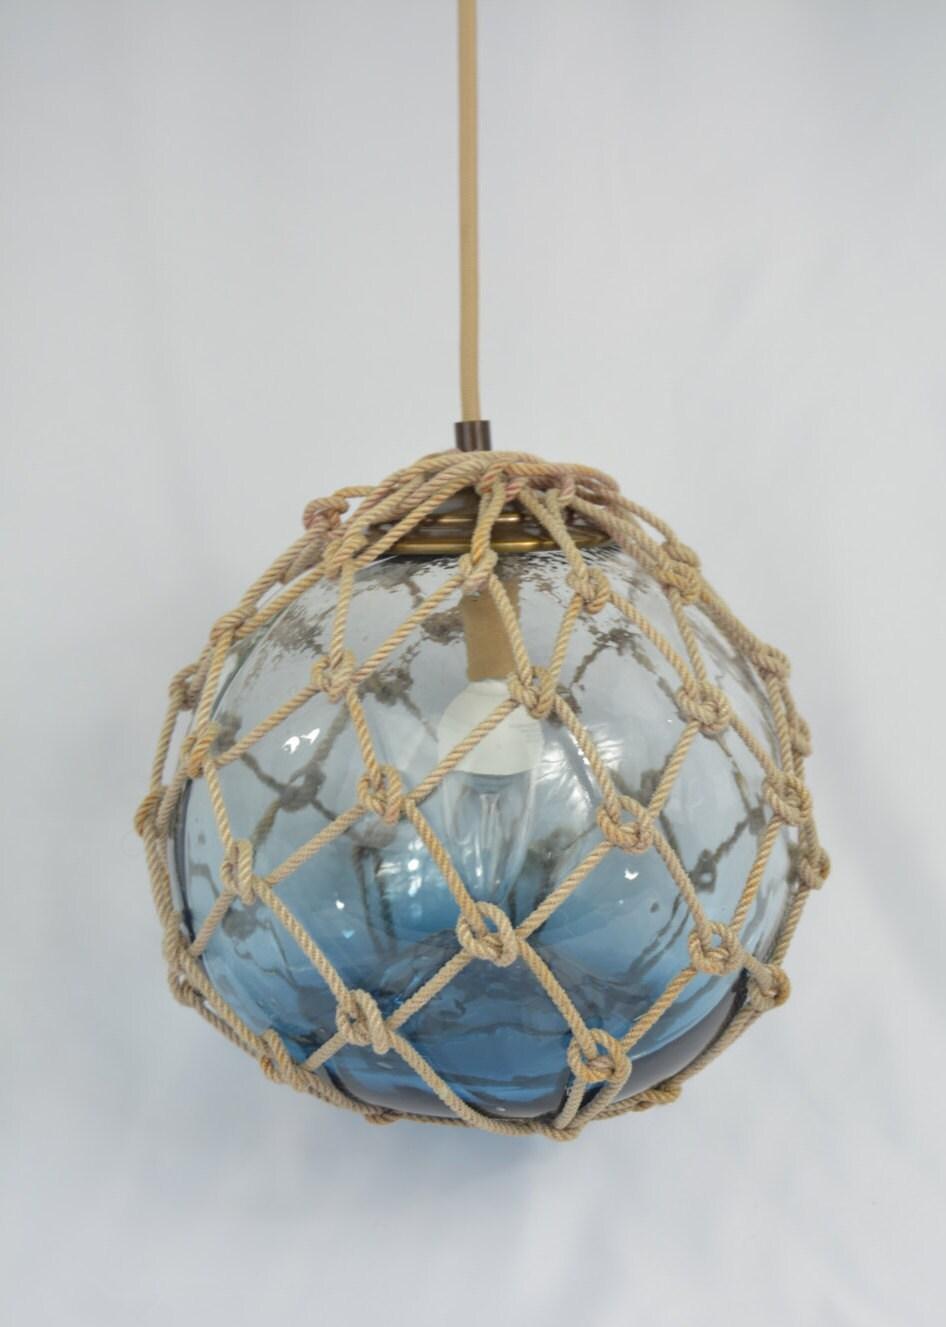 Blue Glass Fishing Float Pendant Light Tan Cotton Cord